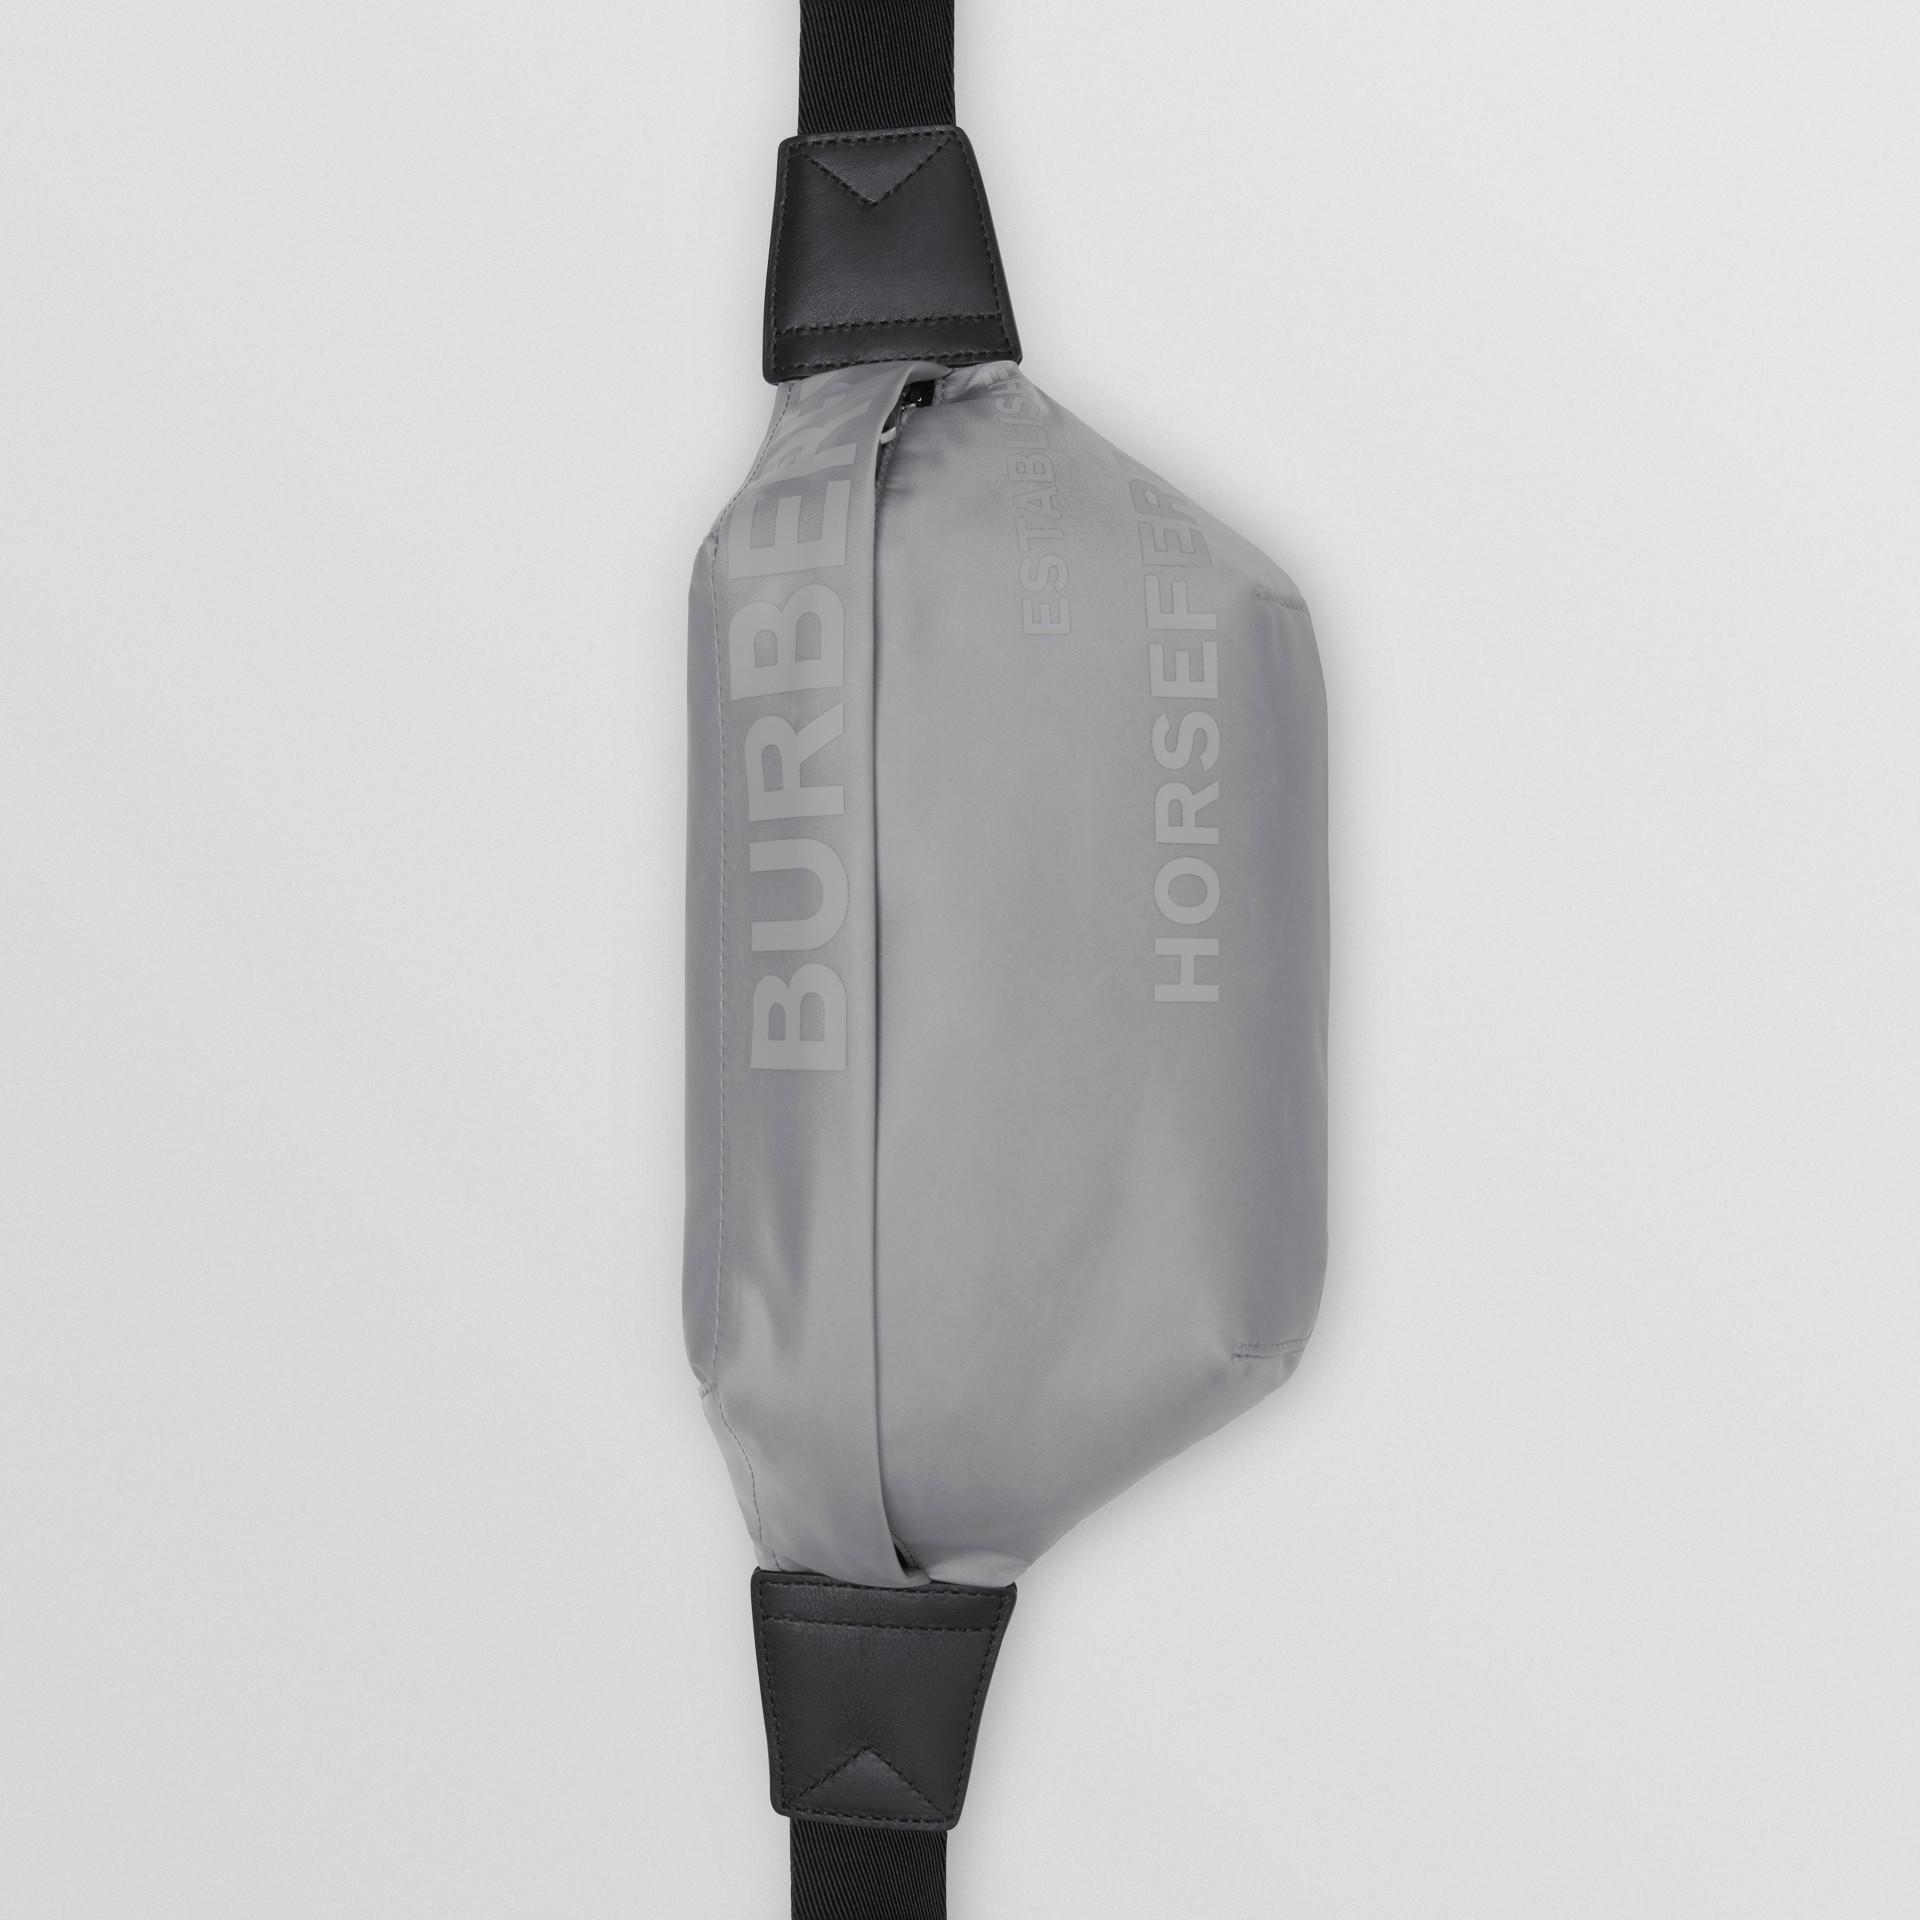 ホースフェリープリント ECONYL® ソニーバムバッグ - メンズ | バーバリー - ギャラリーイメージ 2